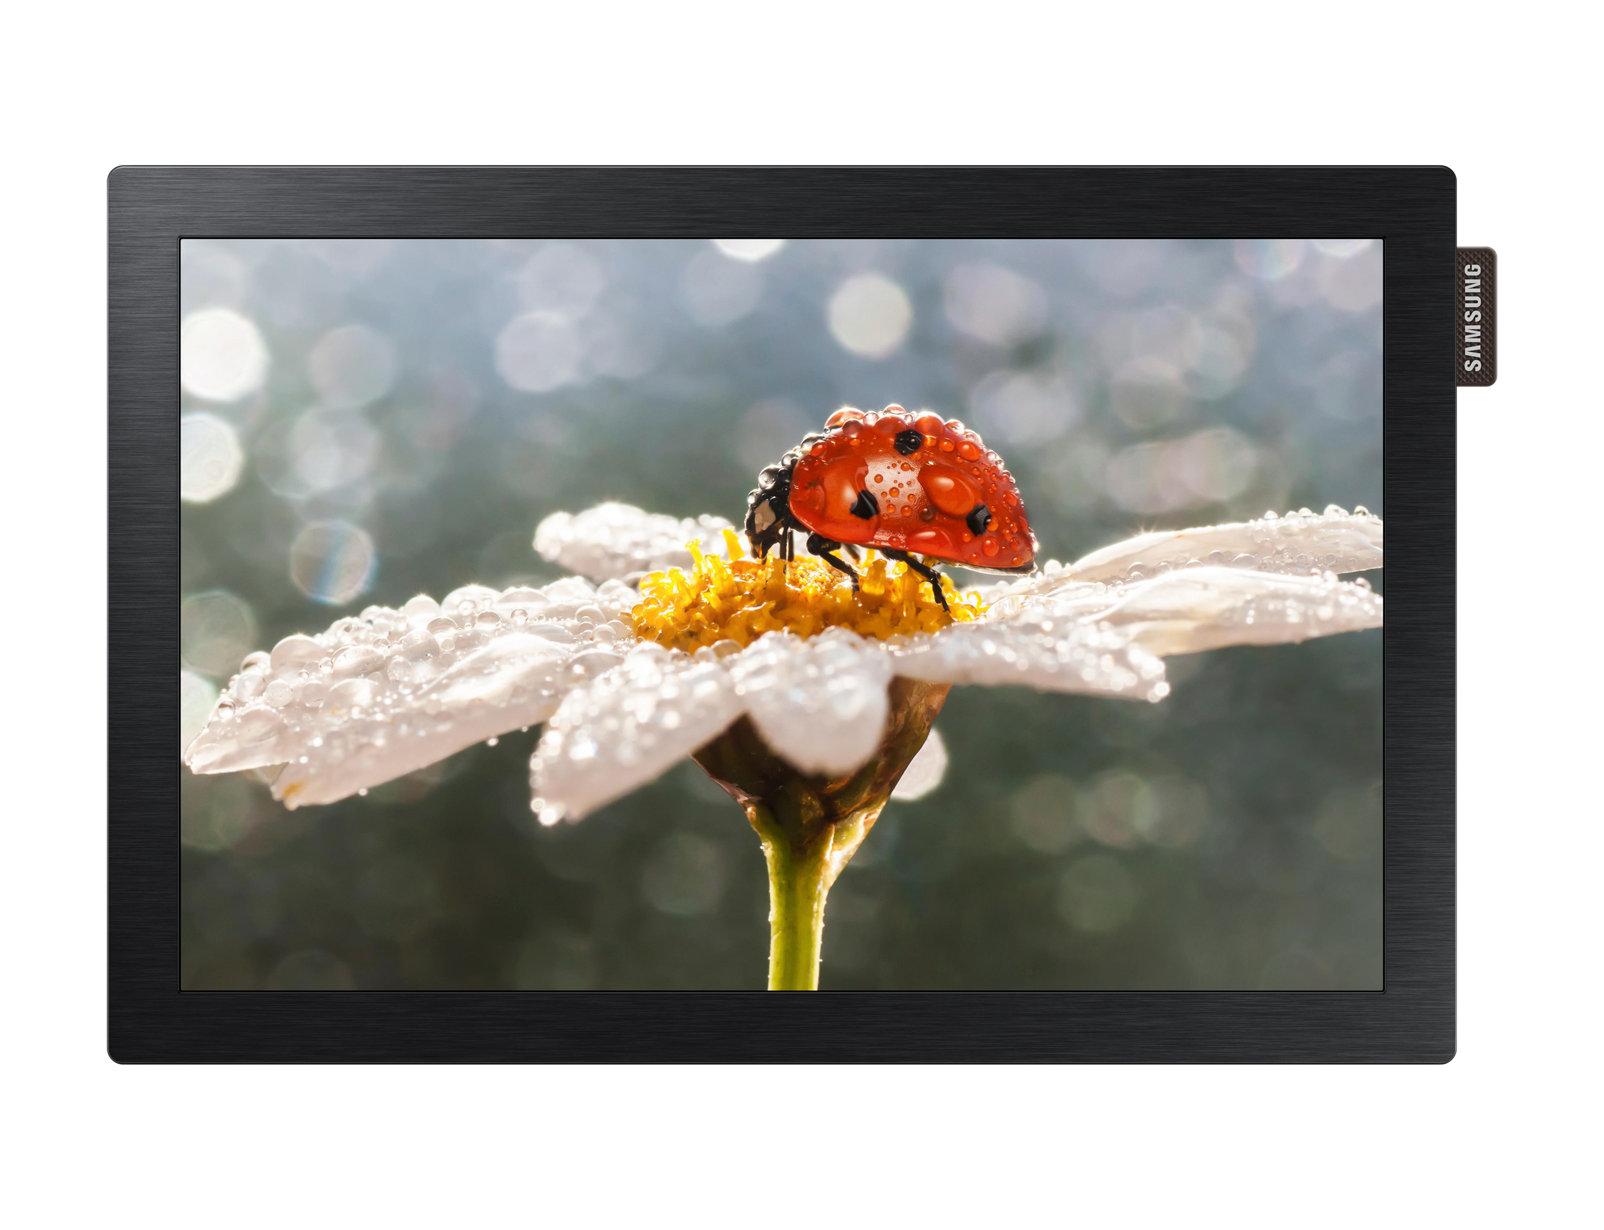 Smart Signage 10in Db10e-tpoe 1280x800 led